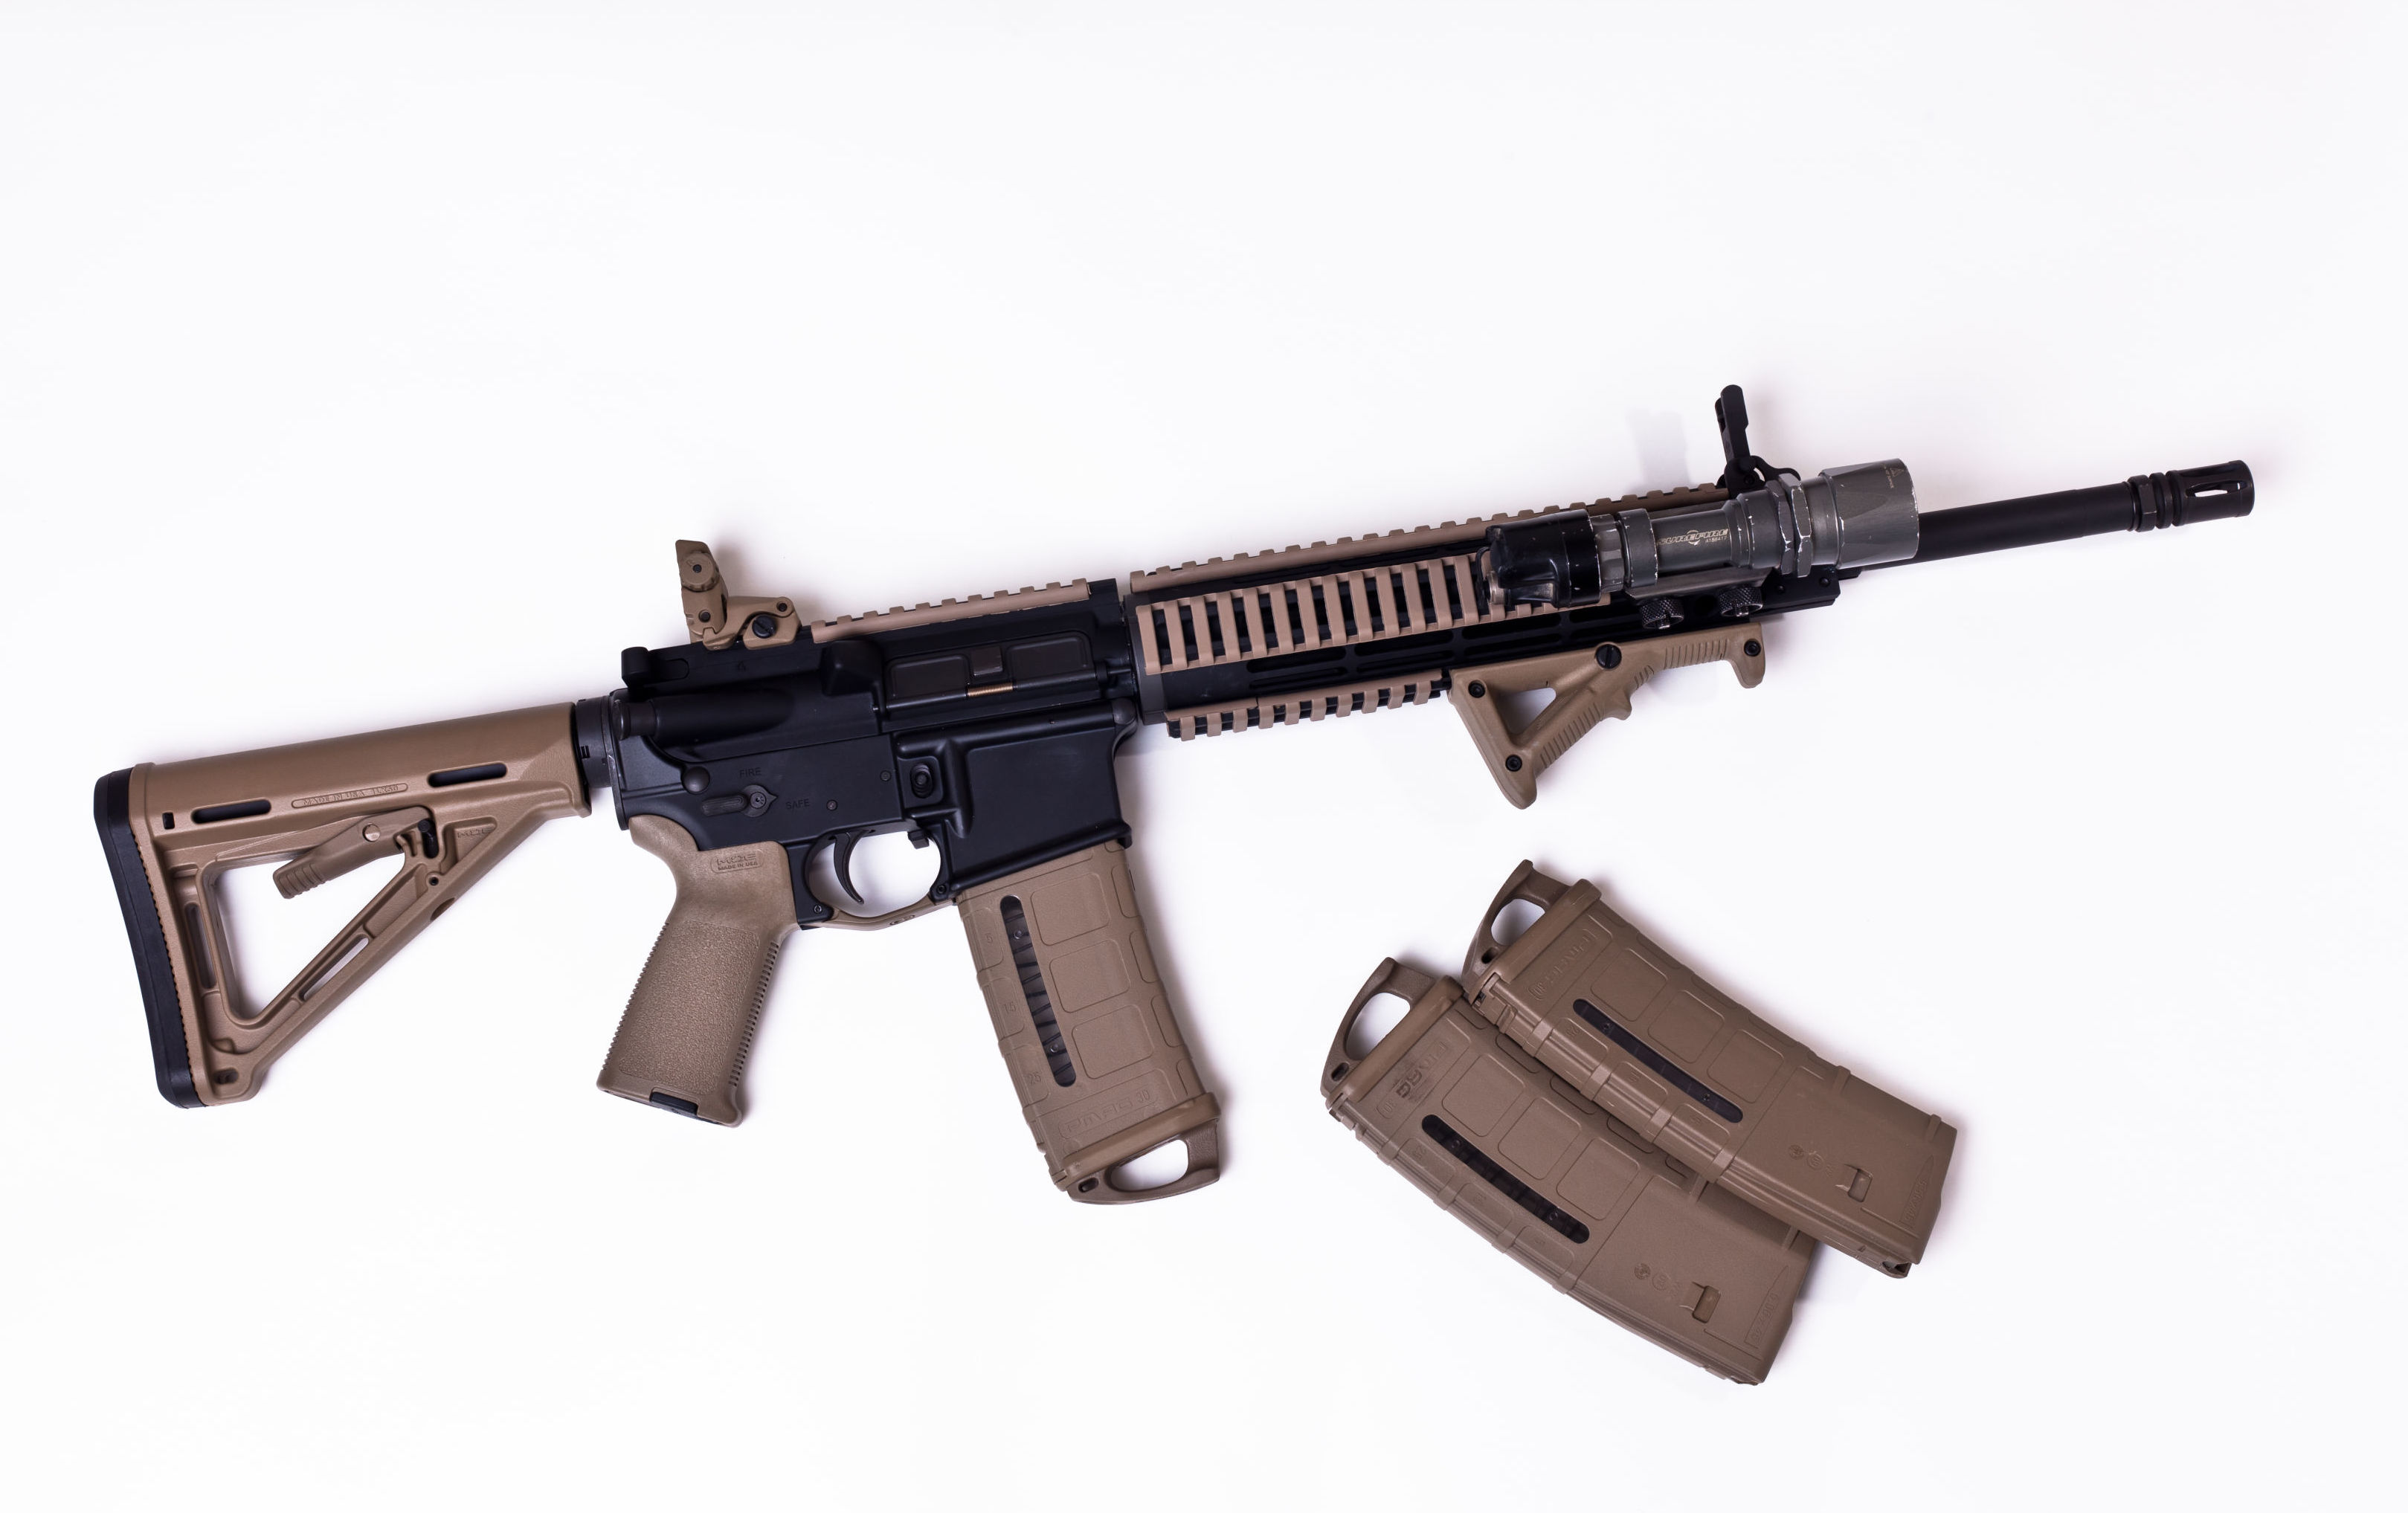 Un Colt AR-15, rifle similar al utilizado en la Masacre de Florida